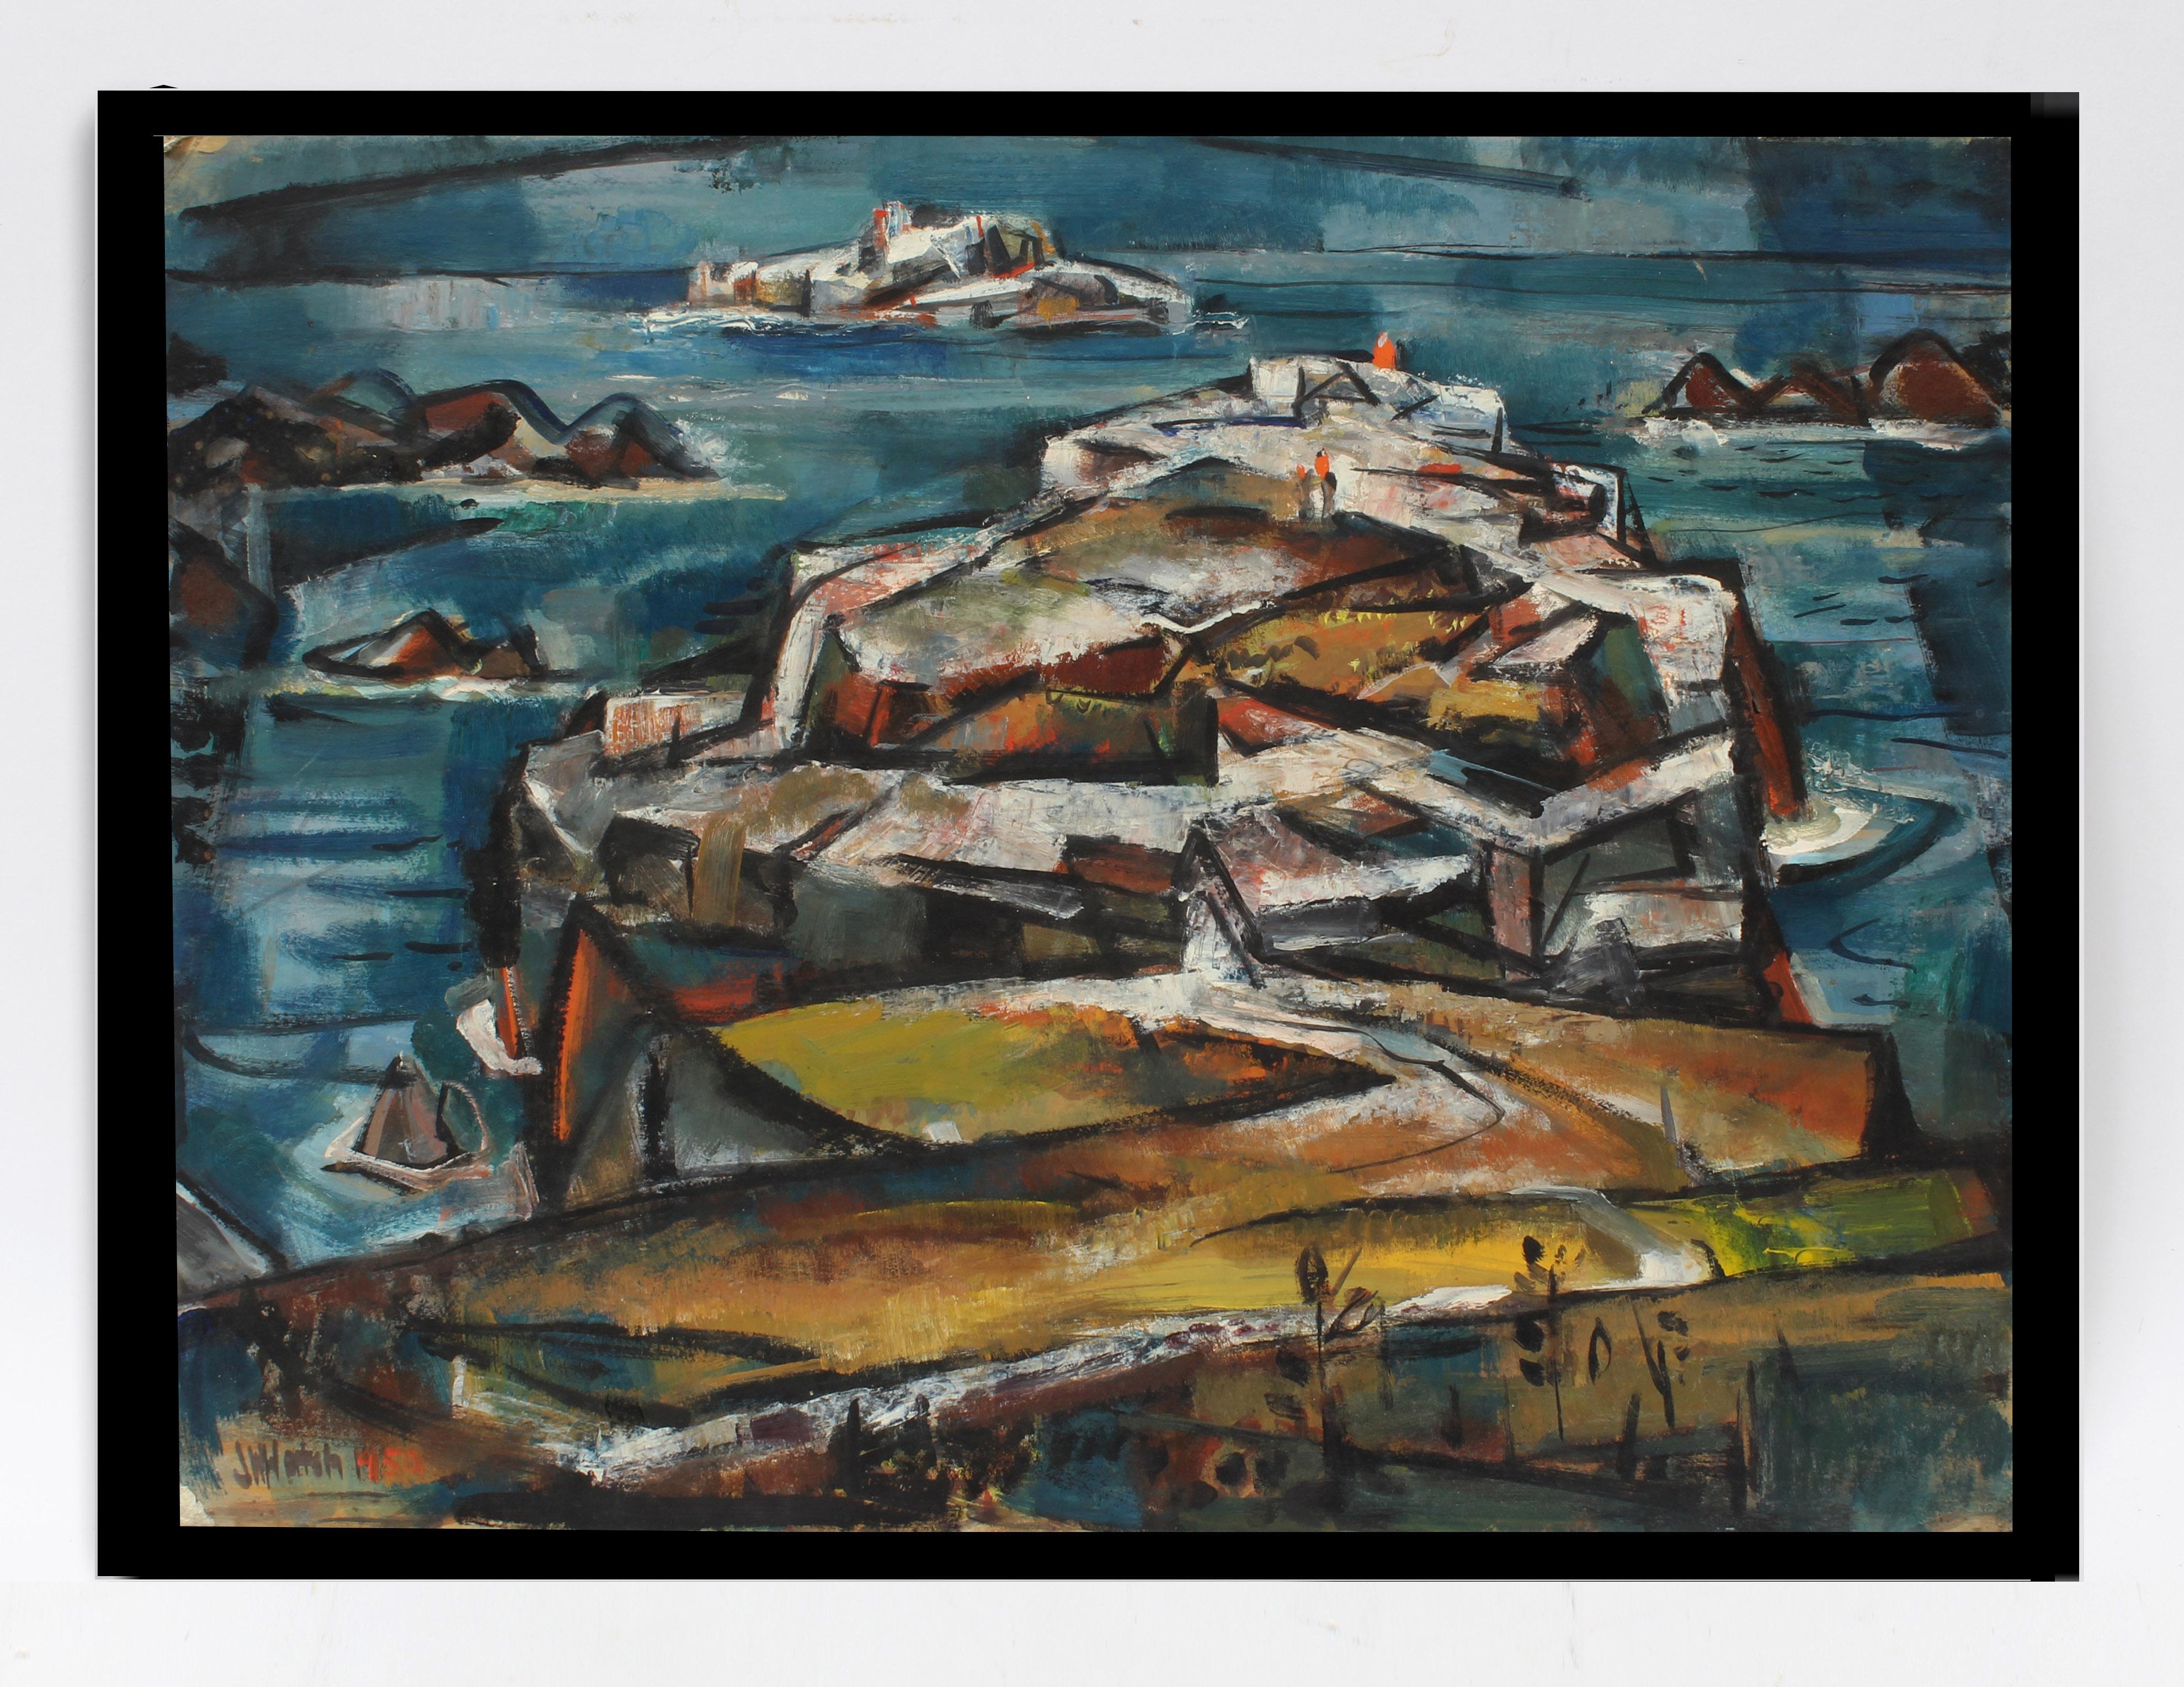 John Hatch American Cubist Landscape Oil Painting Massachusetts Seascape 1952